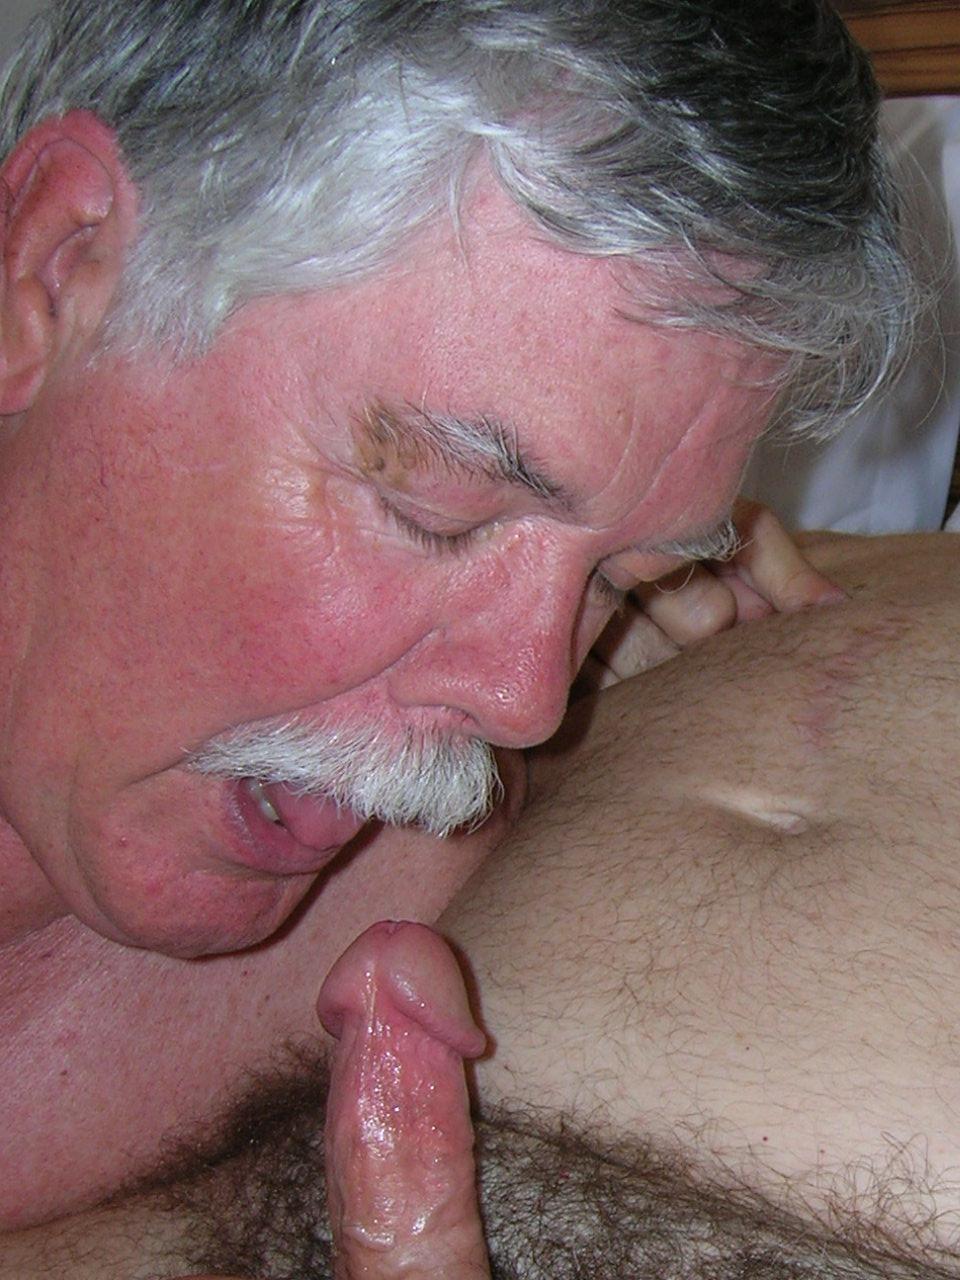 landon conrad gay sex